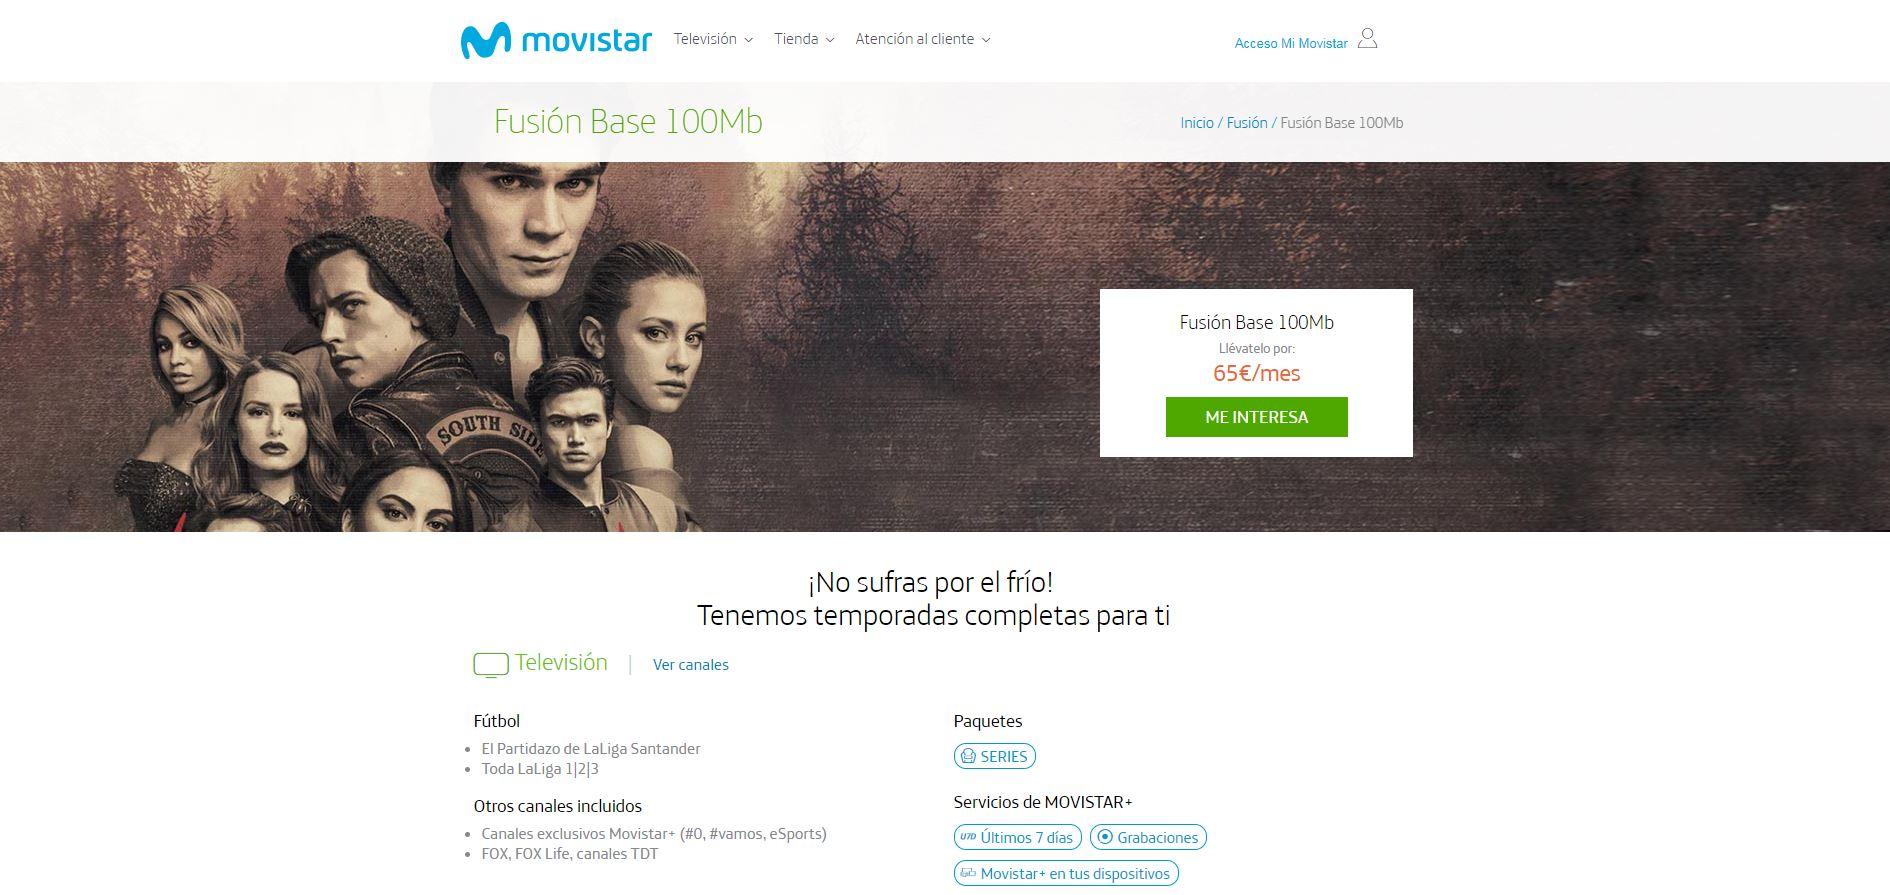 Movistar 100 Mb